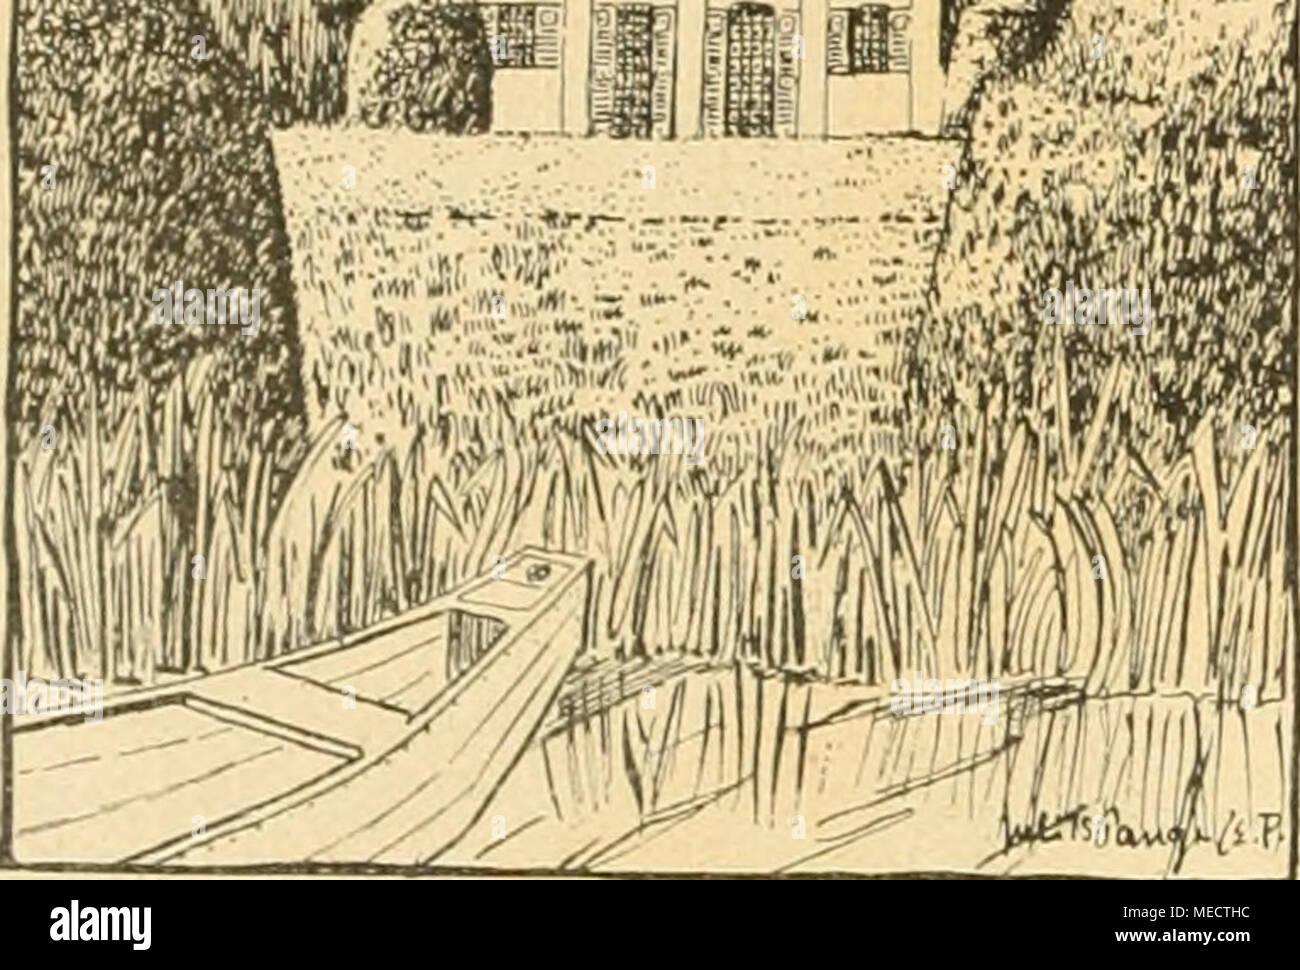 . Die Gartenwelt . Landhausgarten an der Nied in Fange. Erde reichenden Fenstern den Wirtschaftsgebäuden angefügt und in das Farkbild mit hineingezogen. Die Gebäude- gruppierung im Gesamtgrundriß zeugt hier und überall von wohlüberlegter Gestaltungskraft der alten Baumeister, und die Einfügung des ganzen Besitzes ins Landschaftsbild ist meisterlich durchdacht. Man kann die verschiedenen Bau- perioden genau verfolgen, wiewohl Ergänzungen stets takt- volle Rücksicht auf früher bestandene Teile des Ganzen ge- nommen haben. An Türen und Toren besonders erkennt man zarteste Rücksichtnahme auf frühe - Stock Image